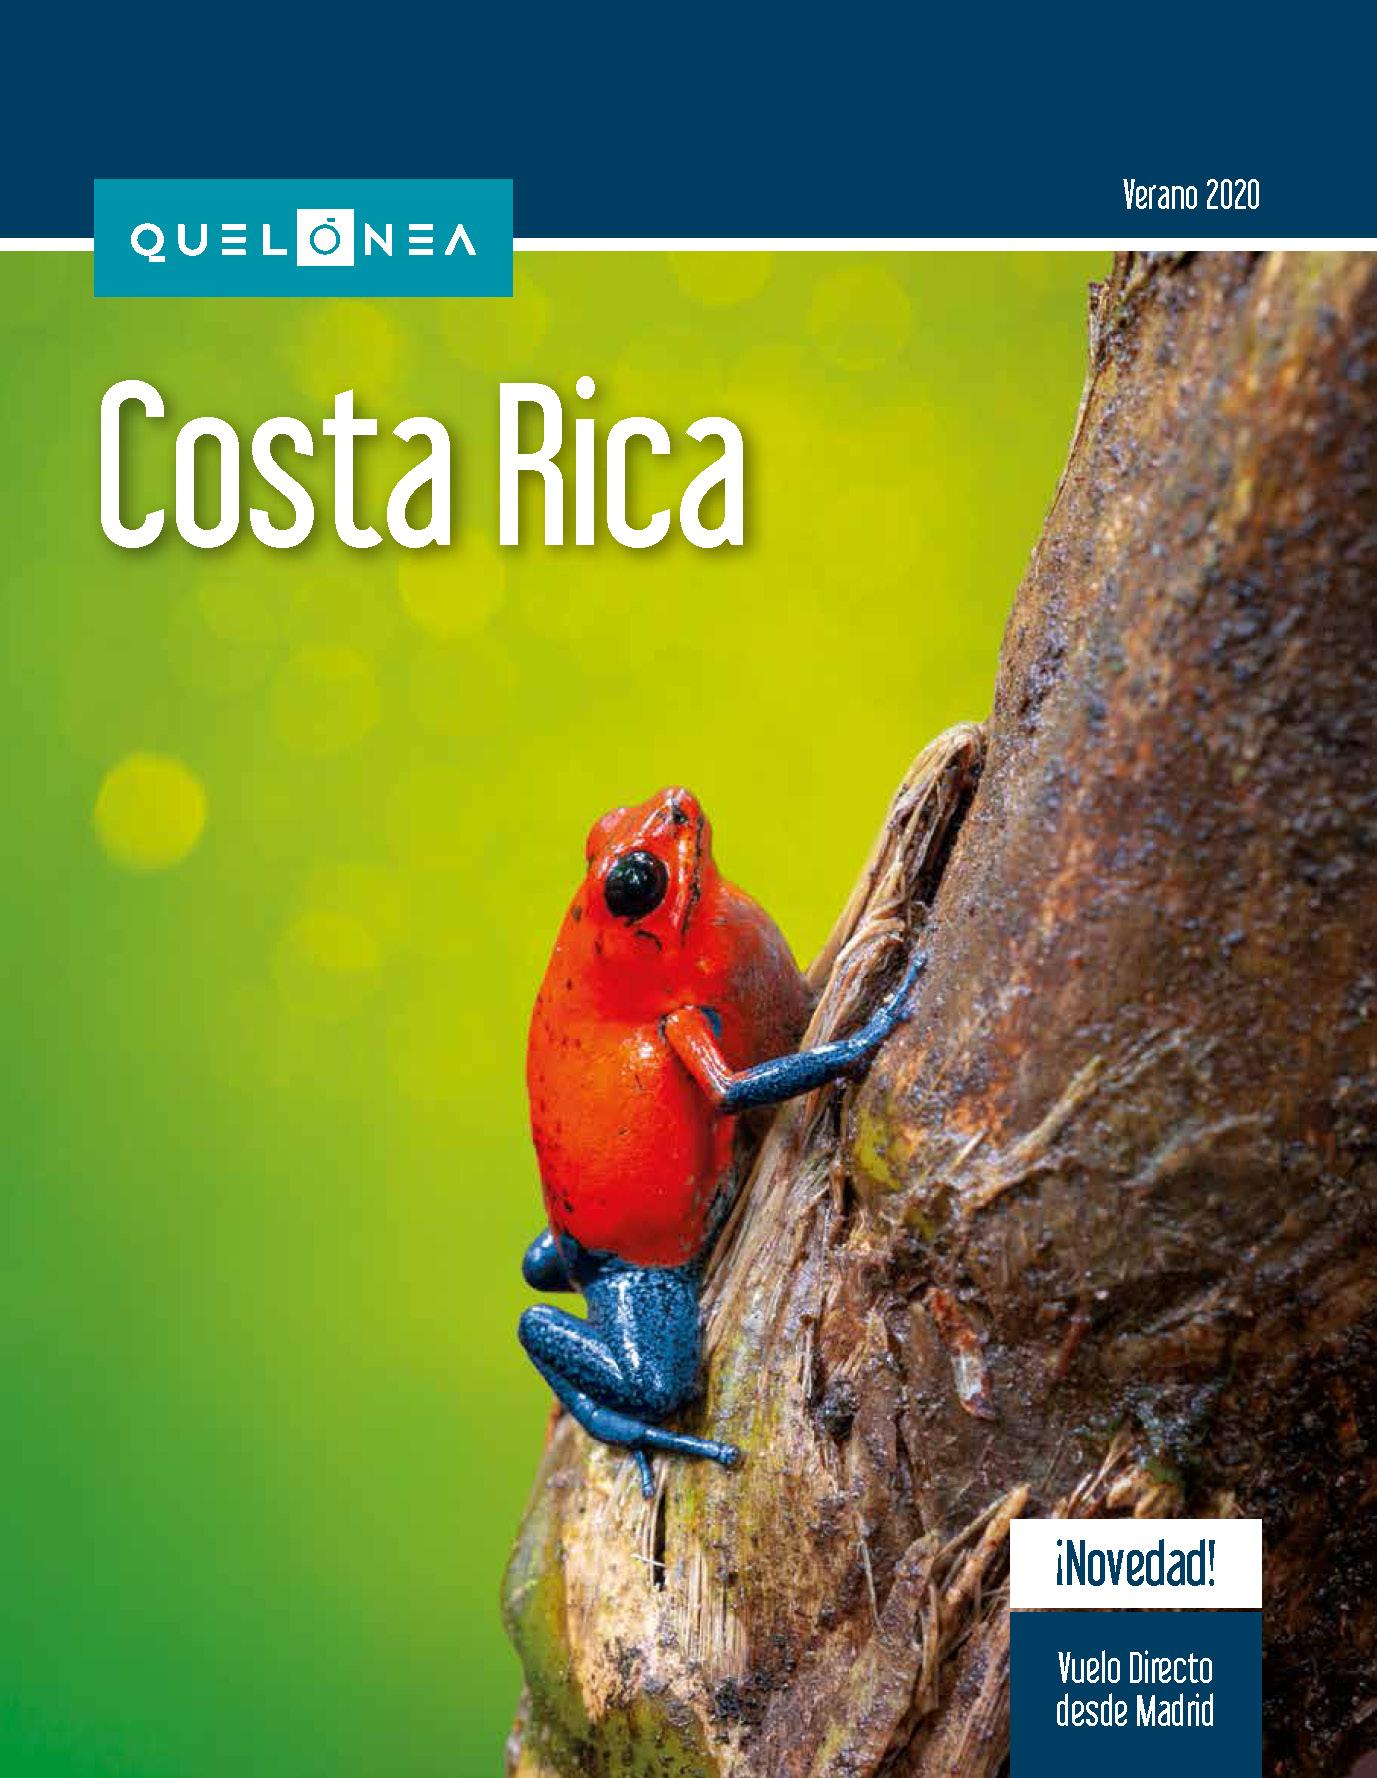 Catalogo Quelonea Costa Rica Verano 2020